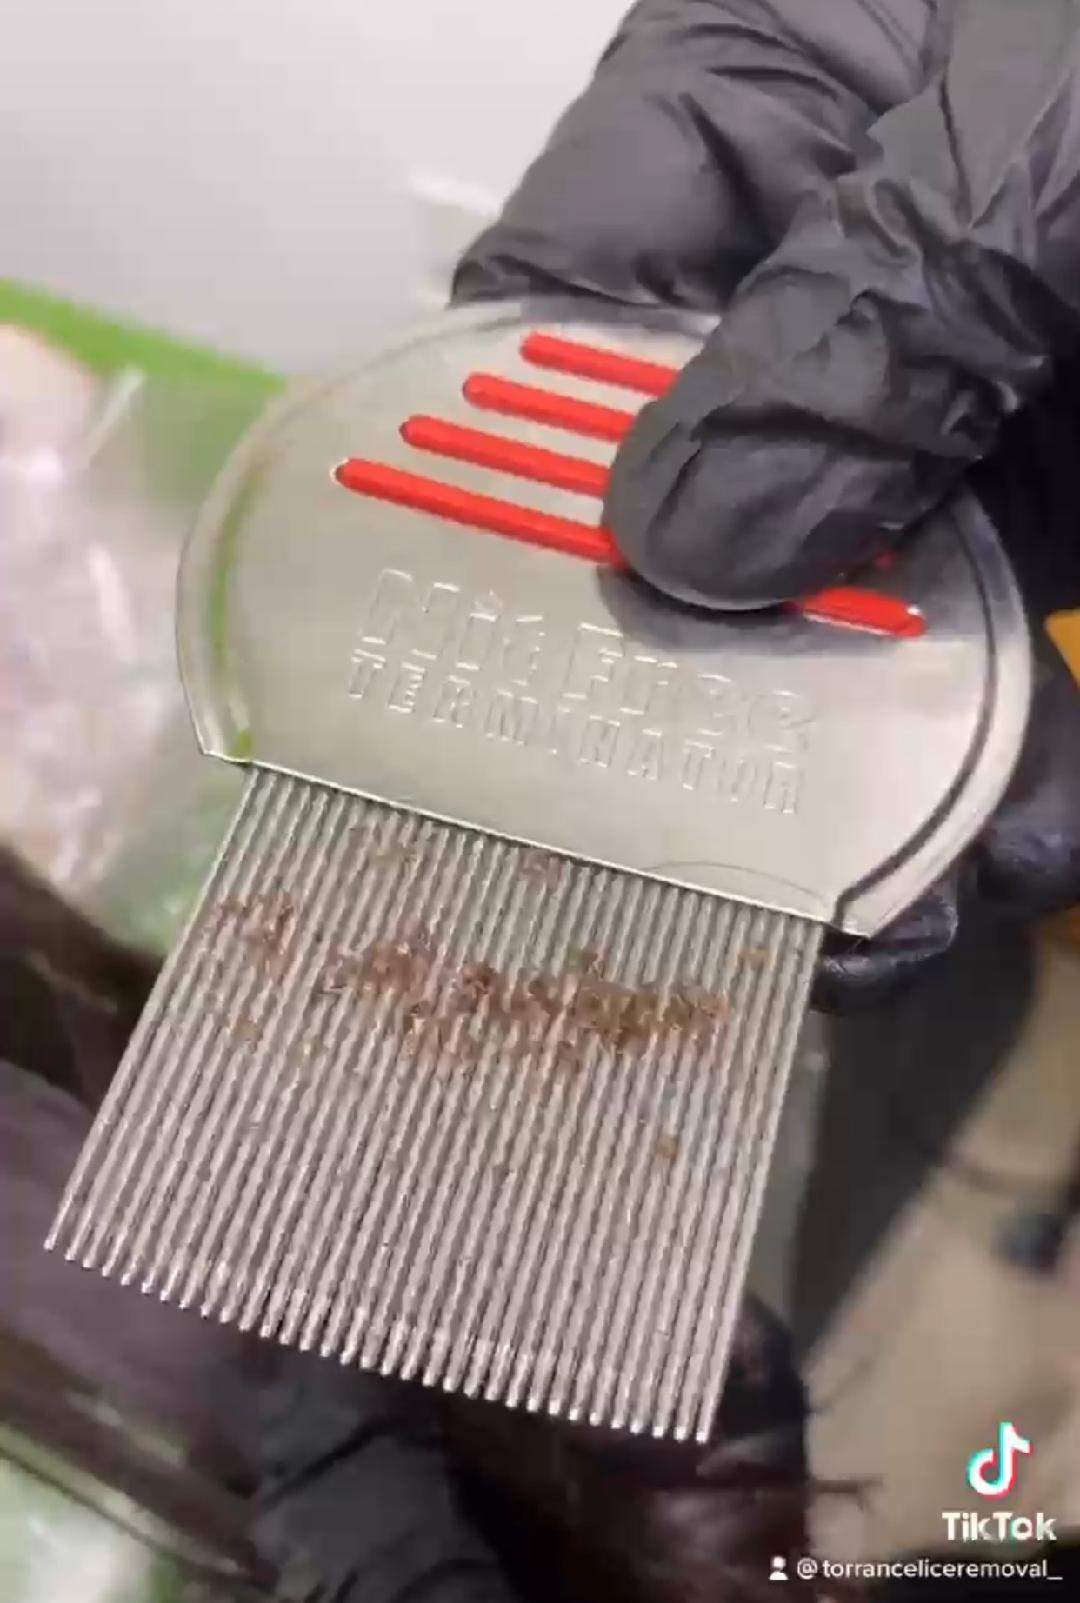 comb w lice